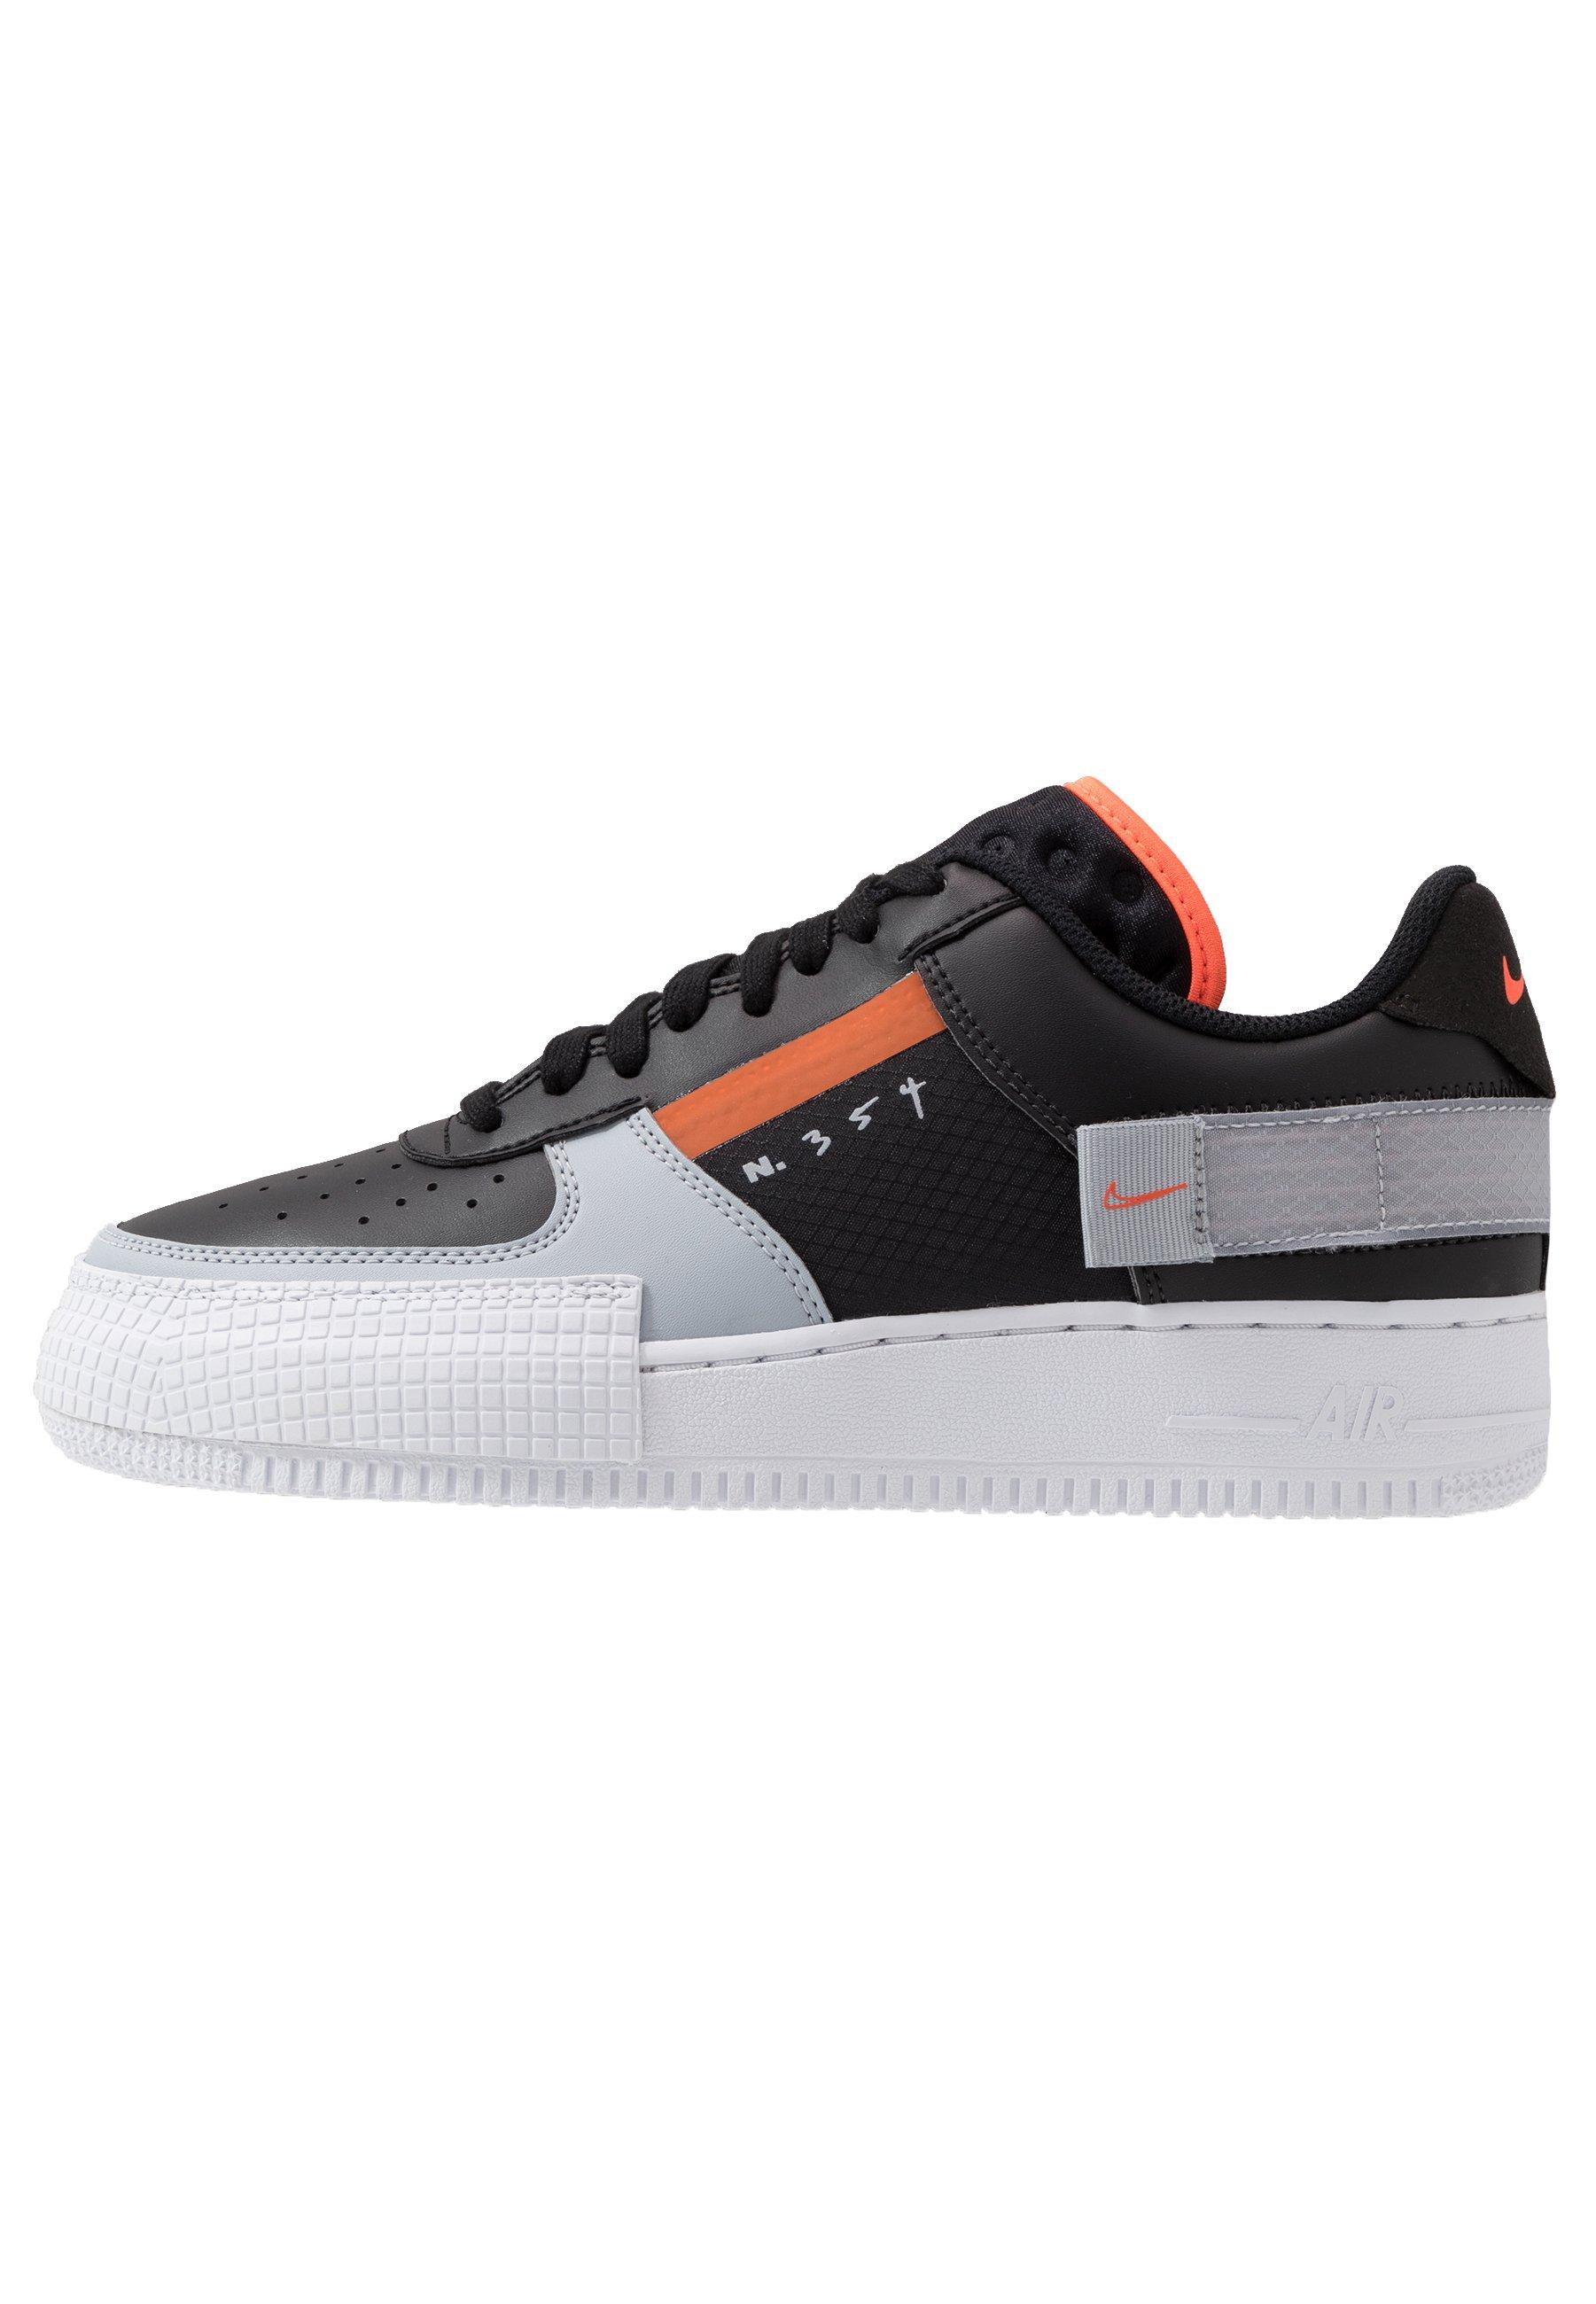 Nike Af1 Type | Move Shop